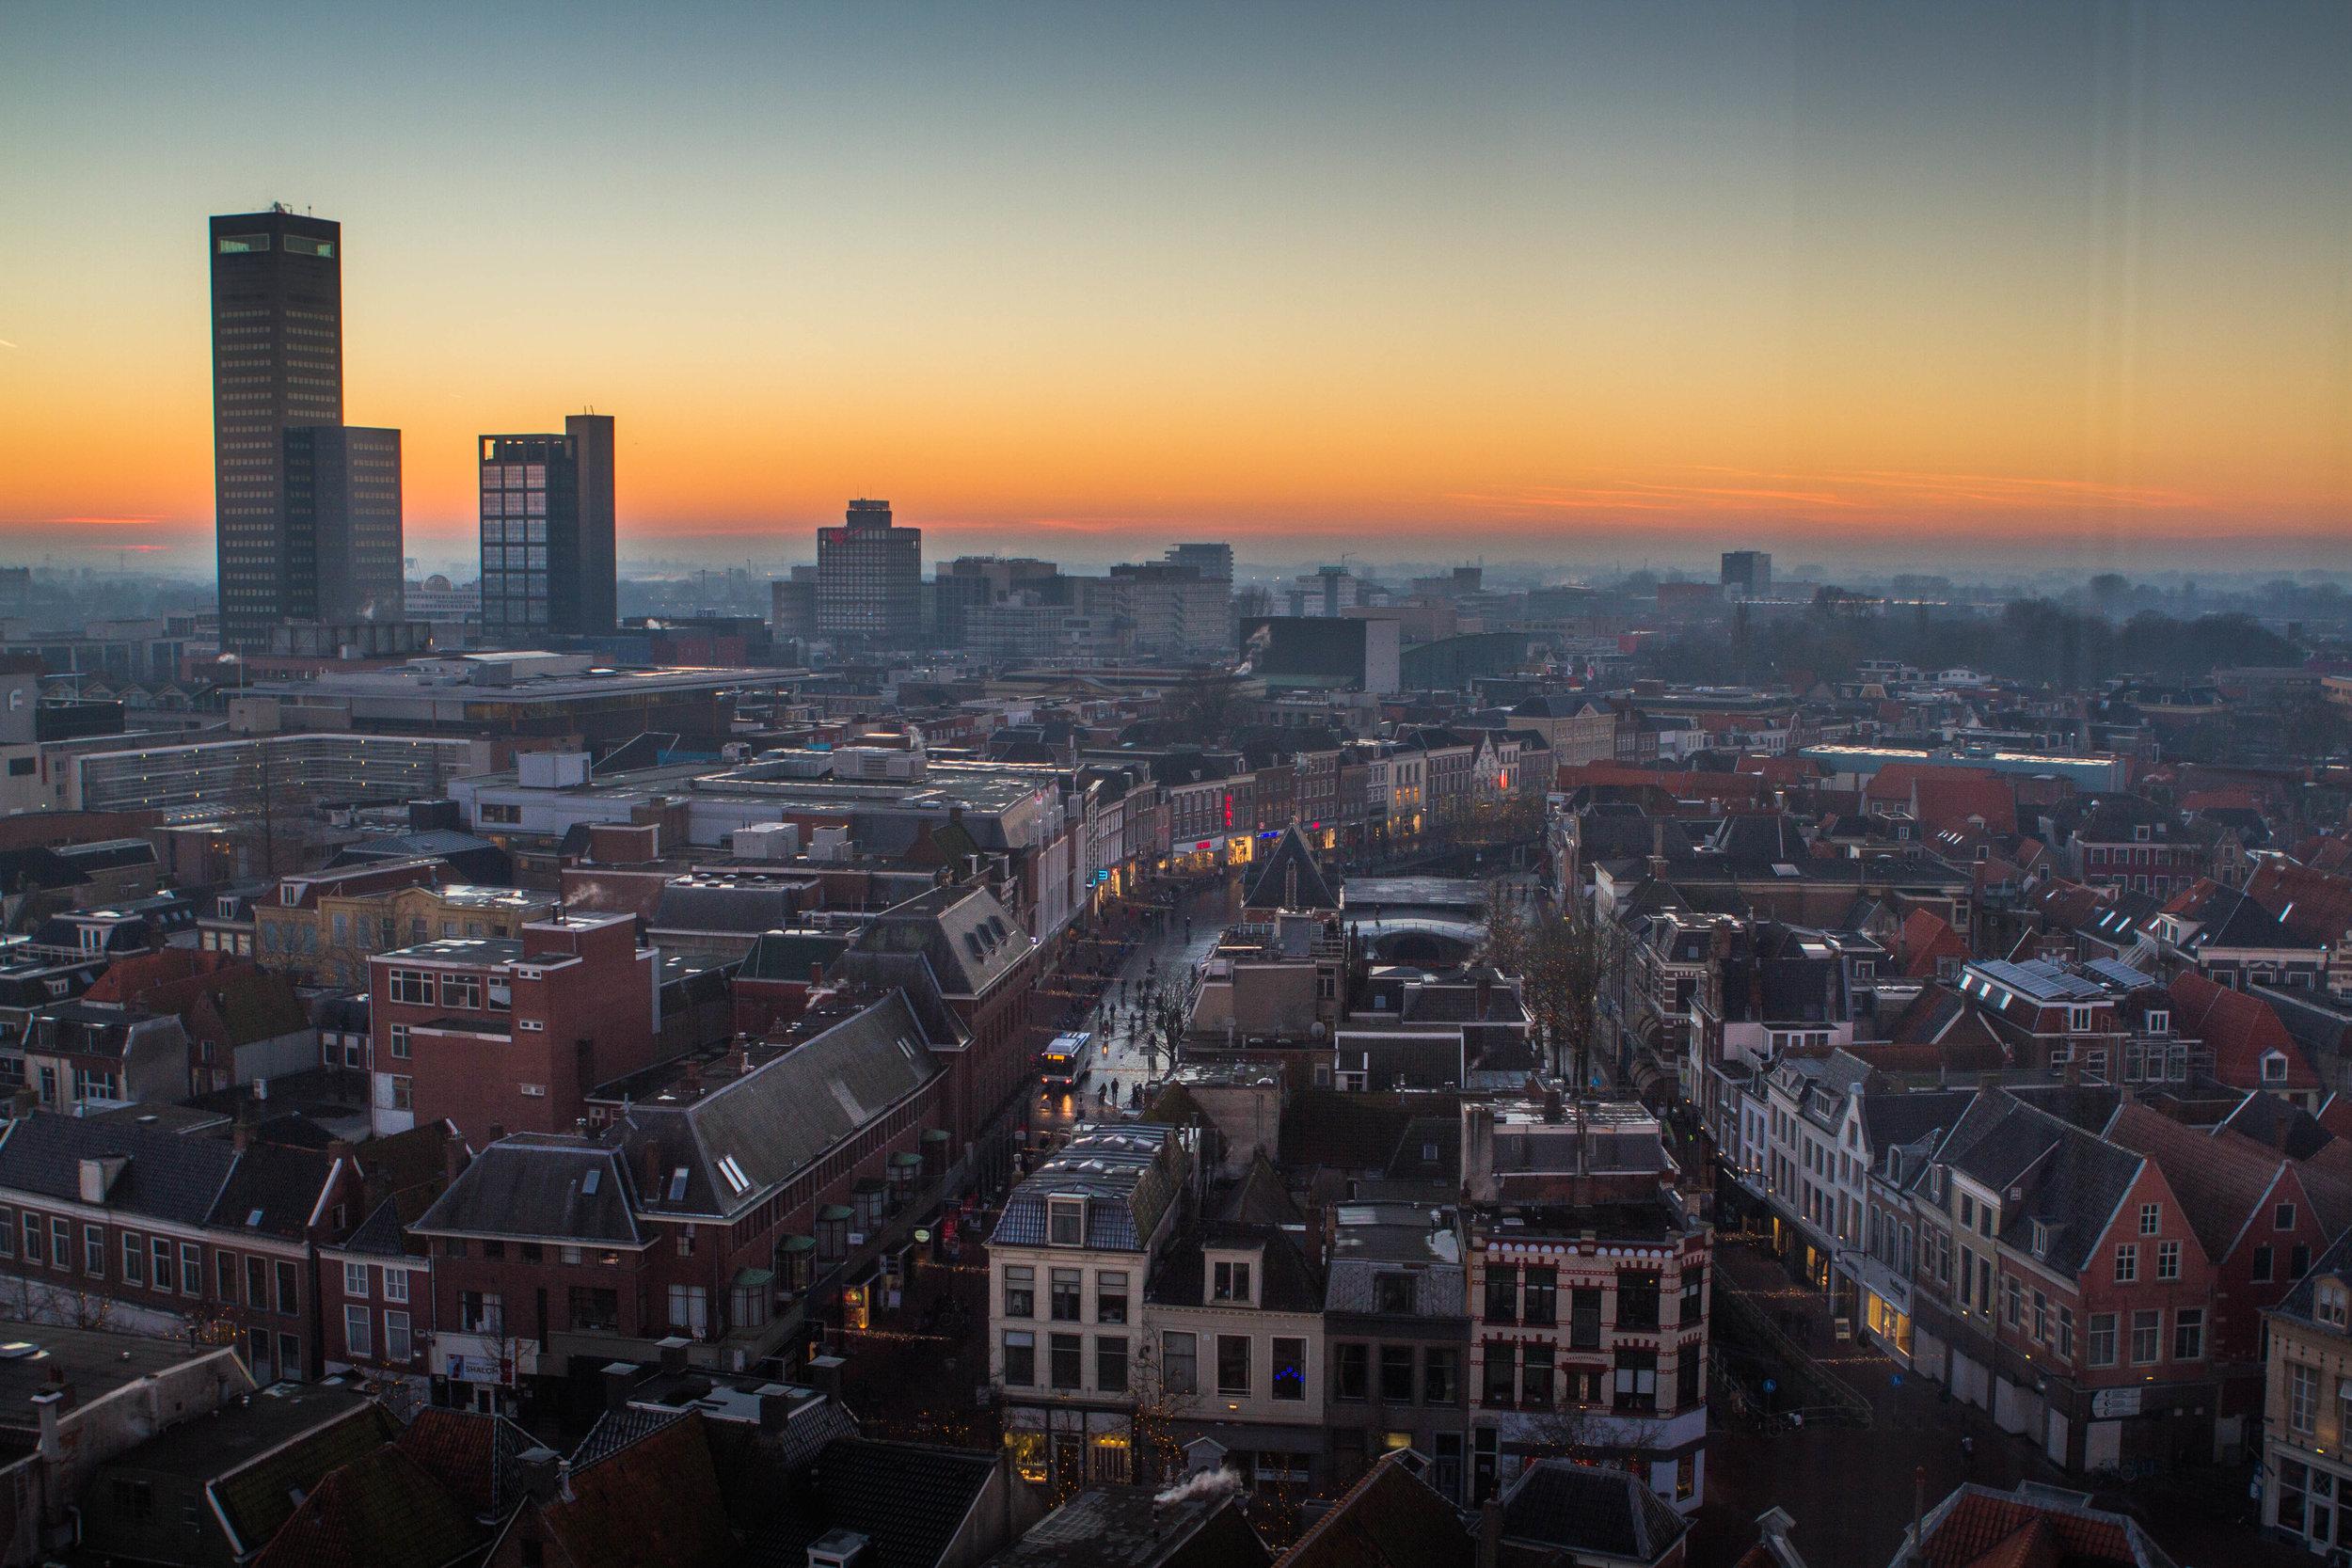 Leeuwarden, The Netherlands. Photo: Michiel Kloppenburg